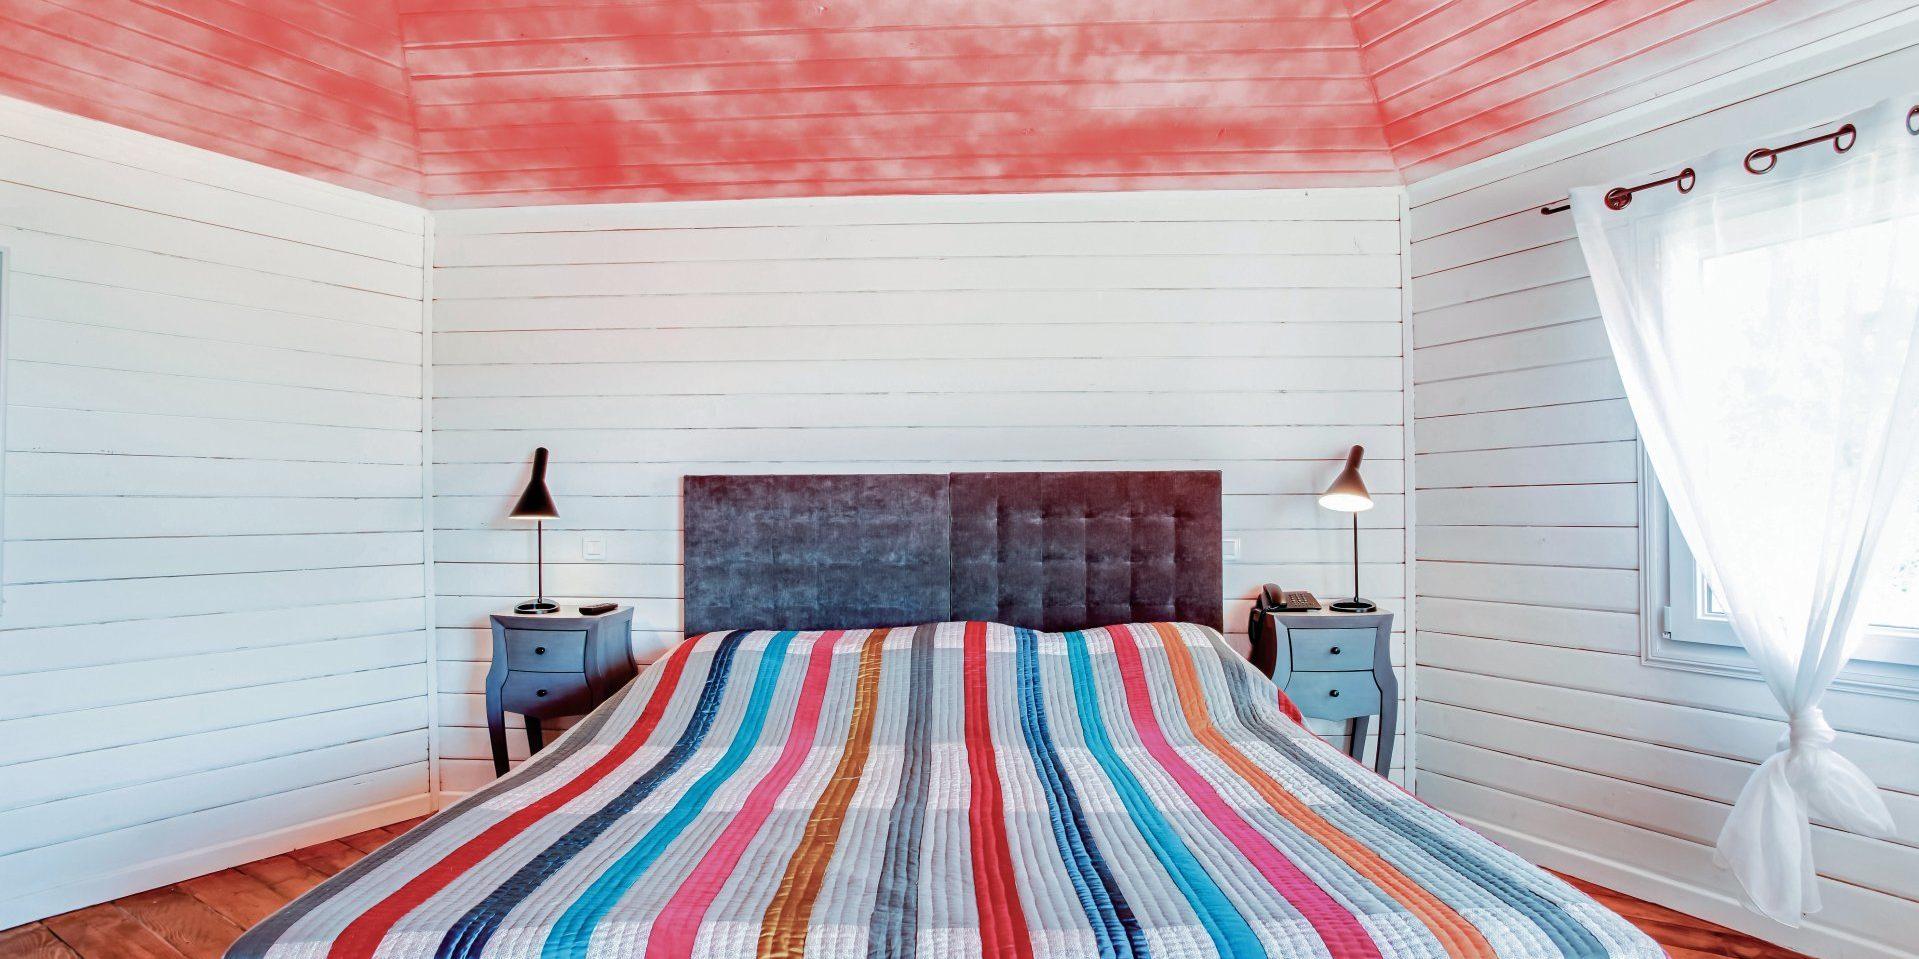 Hotel Le Roc E Fiori Porto-Vecchio Bocca del'Oro Corsica Frankrijk slaapkamer schrootjes rood multicolor